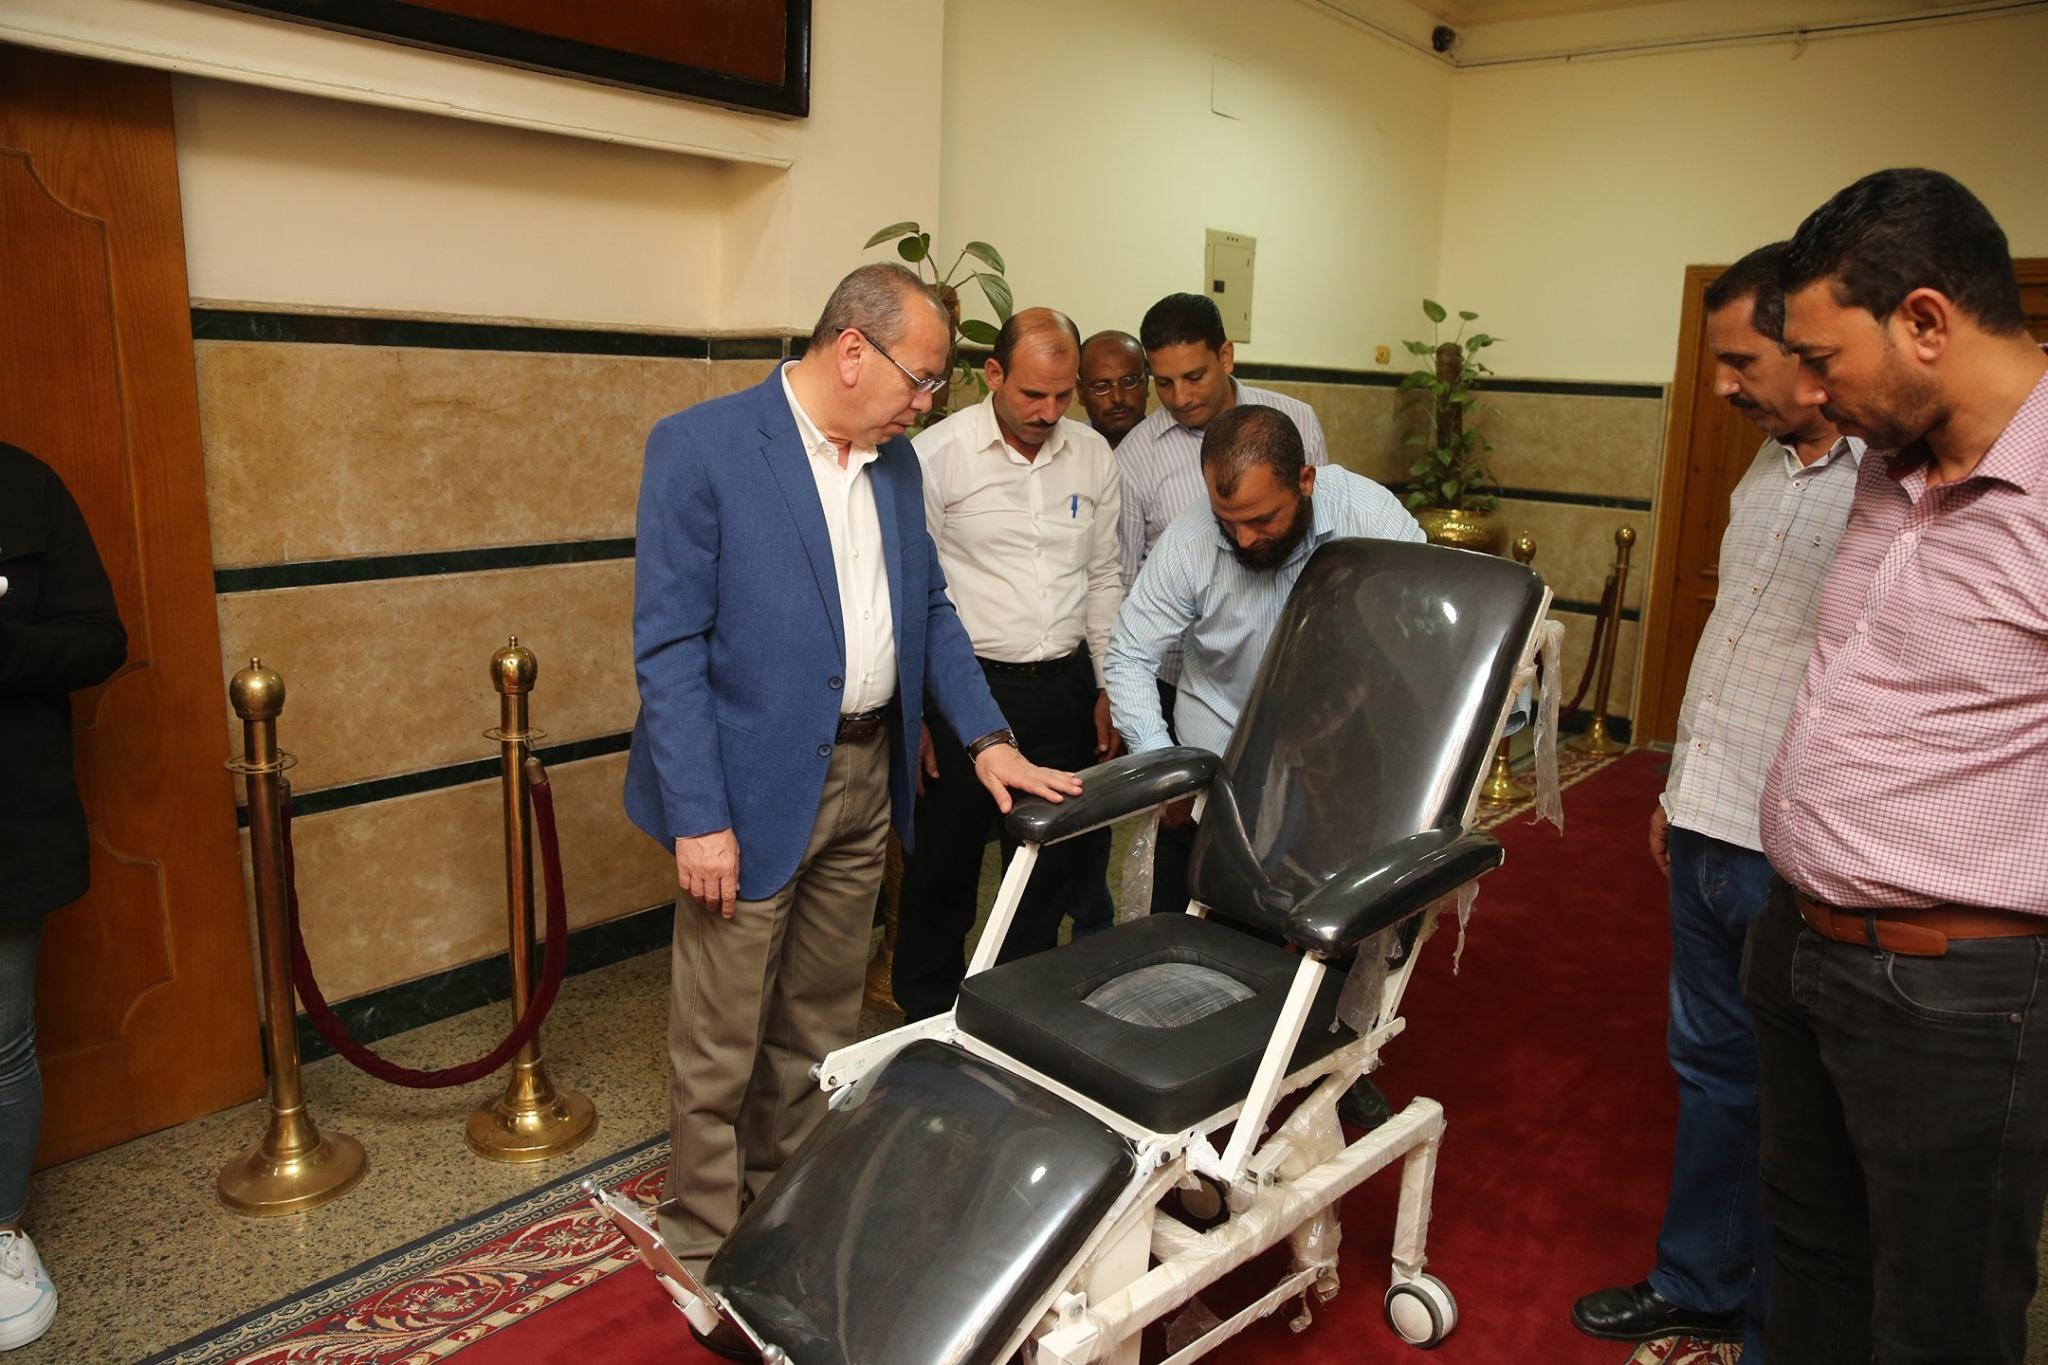 محافظ كفر الشيخ يكرم مخترع من ذوى الاحتياجات الخاصة لابتكاره كرسى طبى متحرك لنقل المرضى (2)